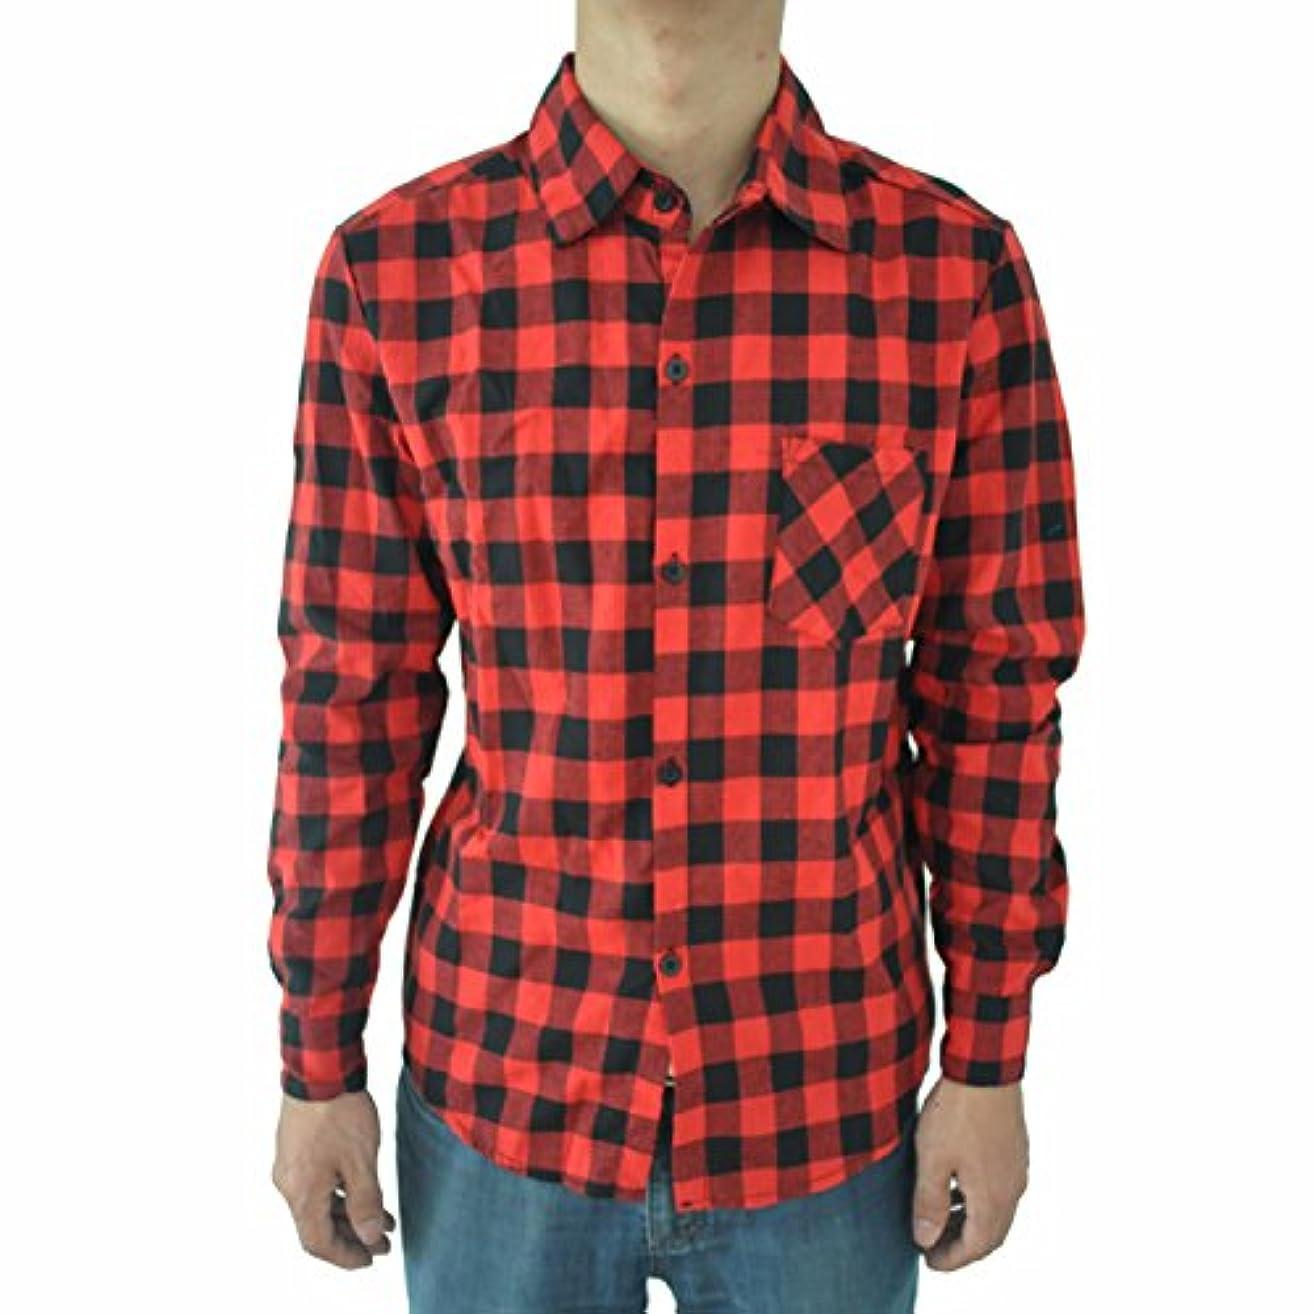 慎重ロードされたベルトSODIAL 男性のビンテージなチェック柄の長袖シャツ スリムフィット 男性の高品質シャツ L 赤のチェック柄